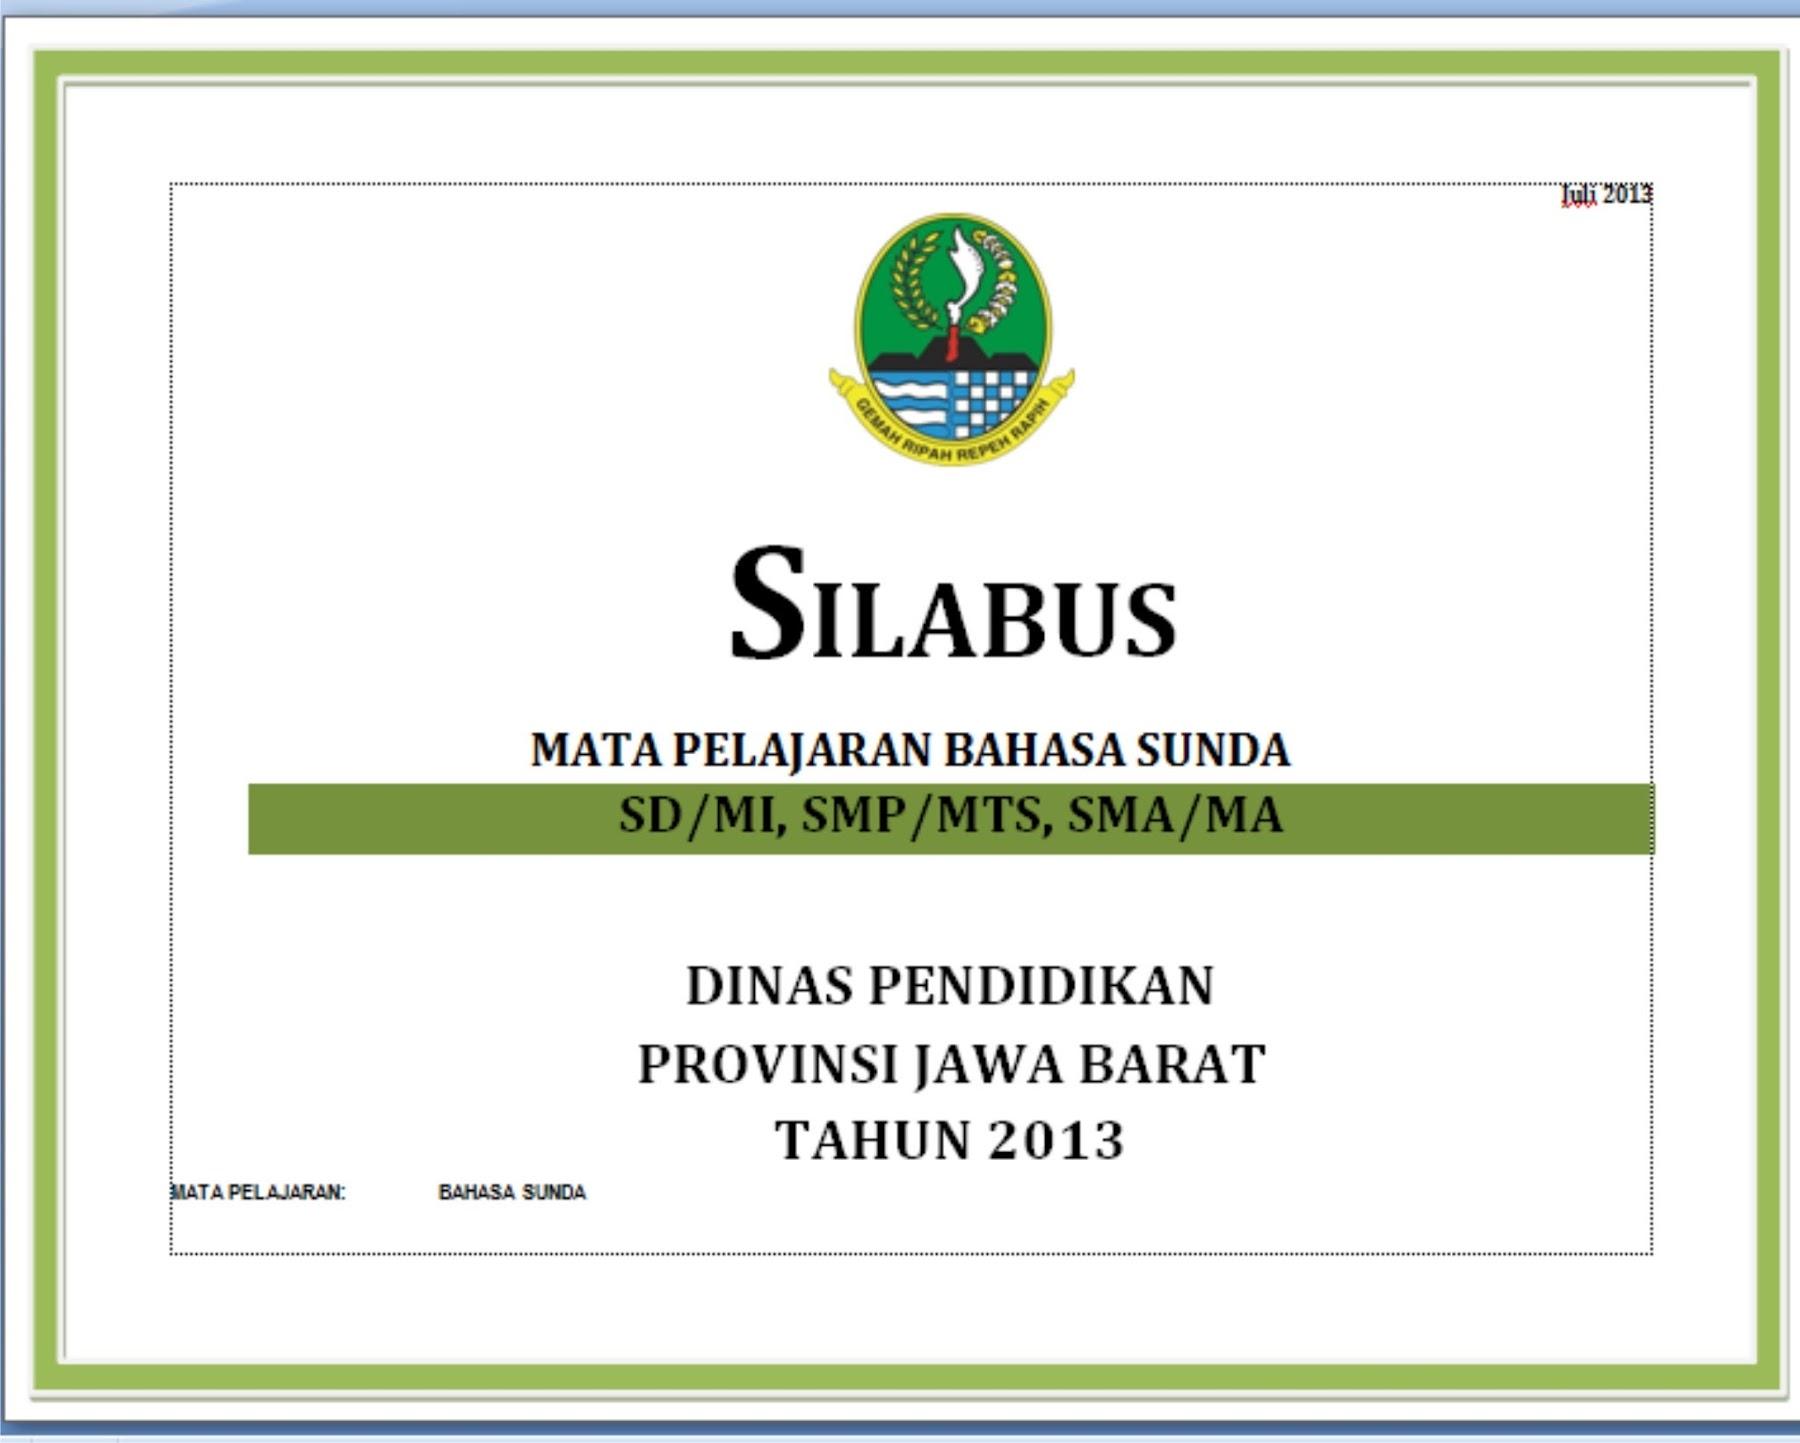 Silabus Bahasa Dan Sastra Sunda 2013 Semua Tingkat Panduanmu